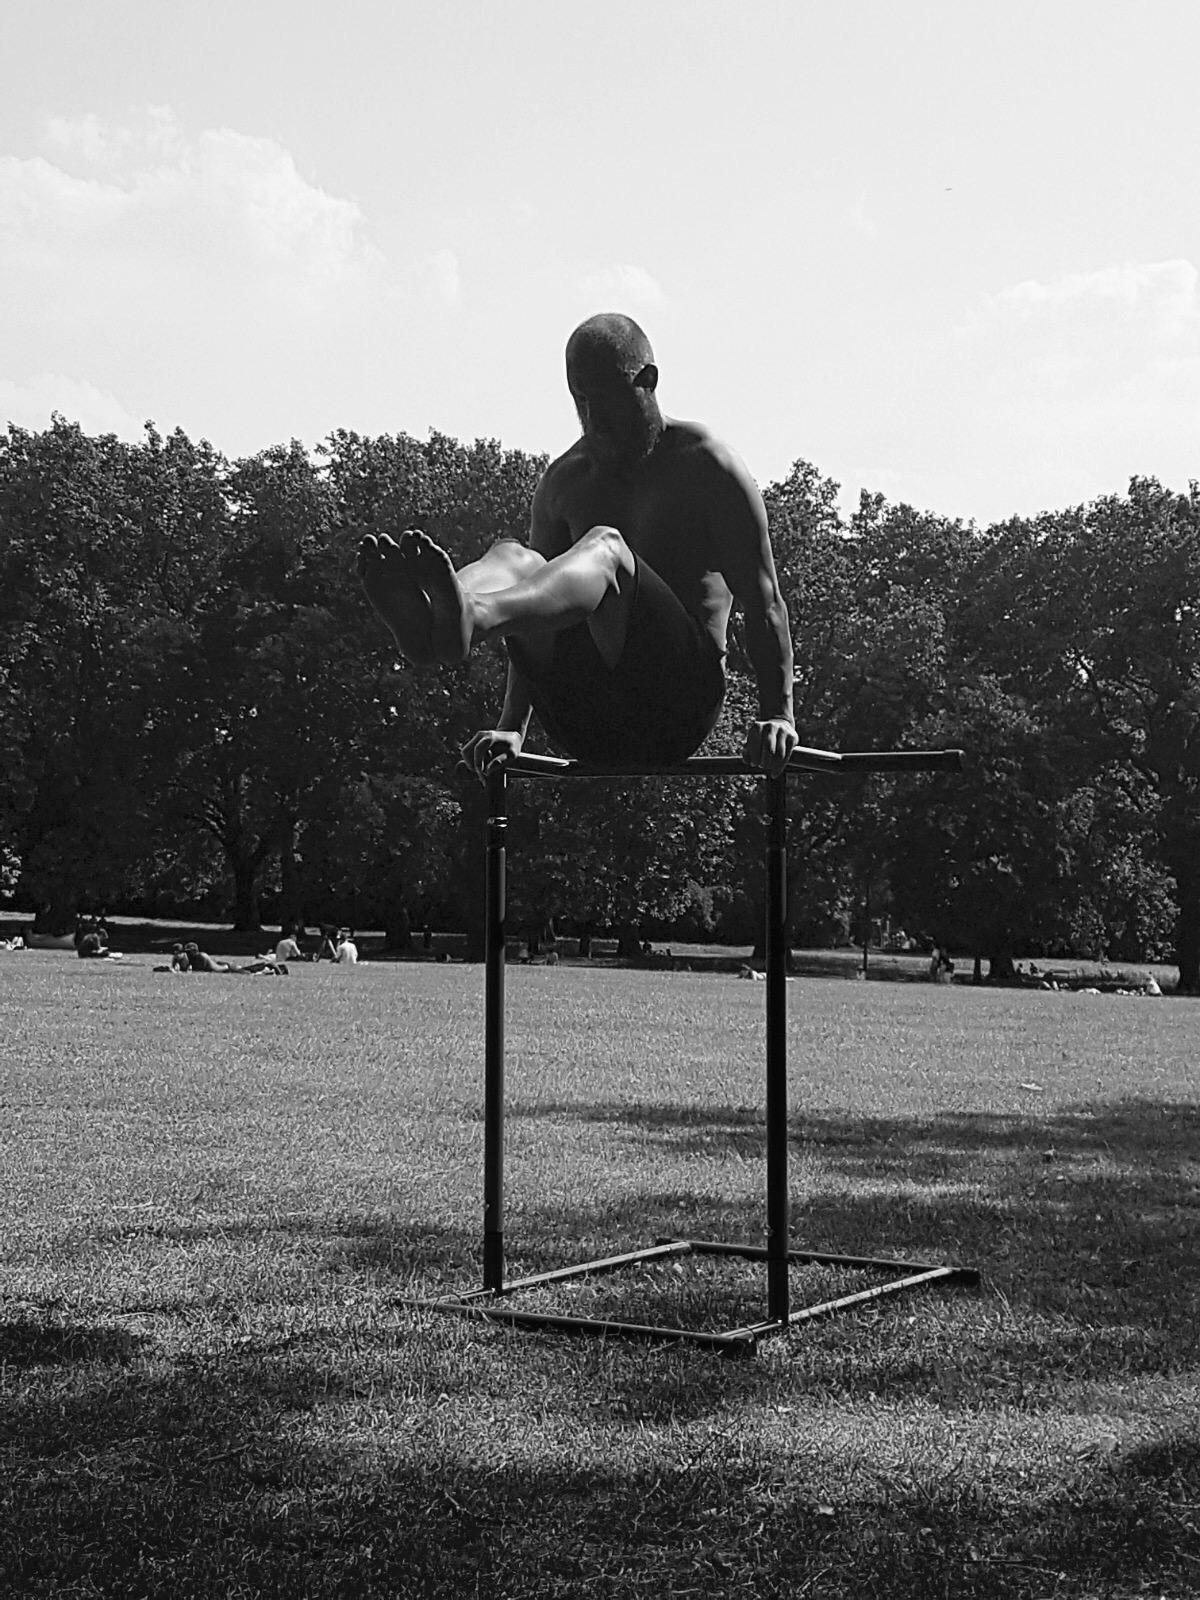 Highbury Fields Personal Training